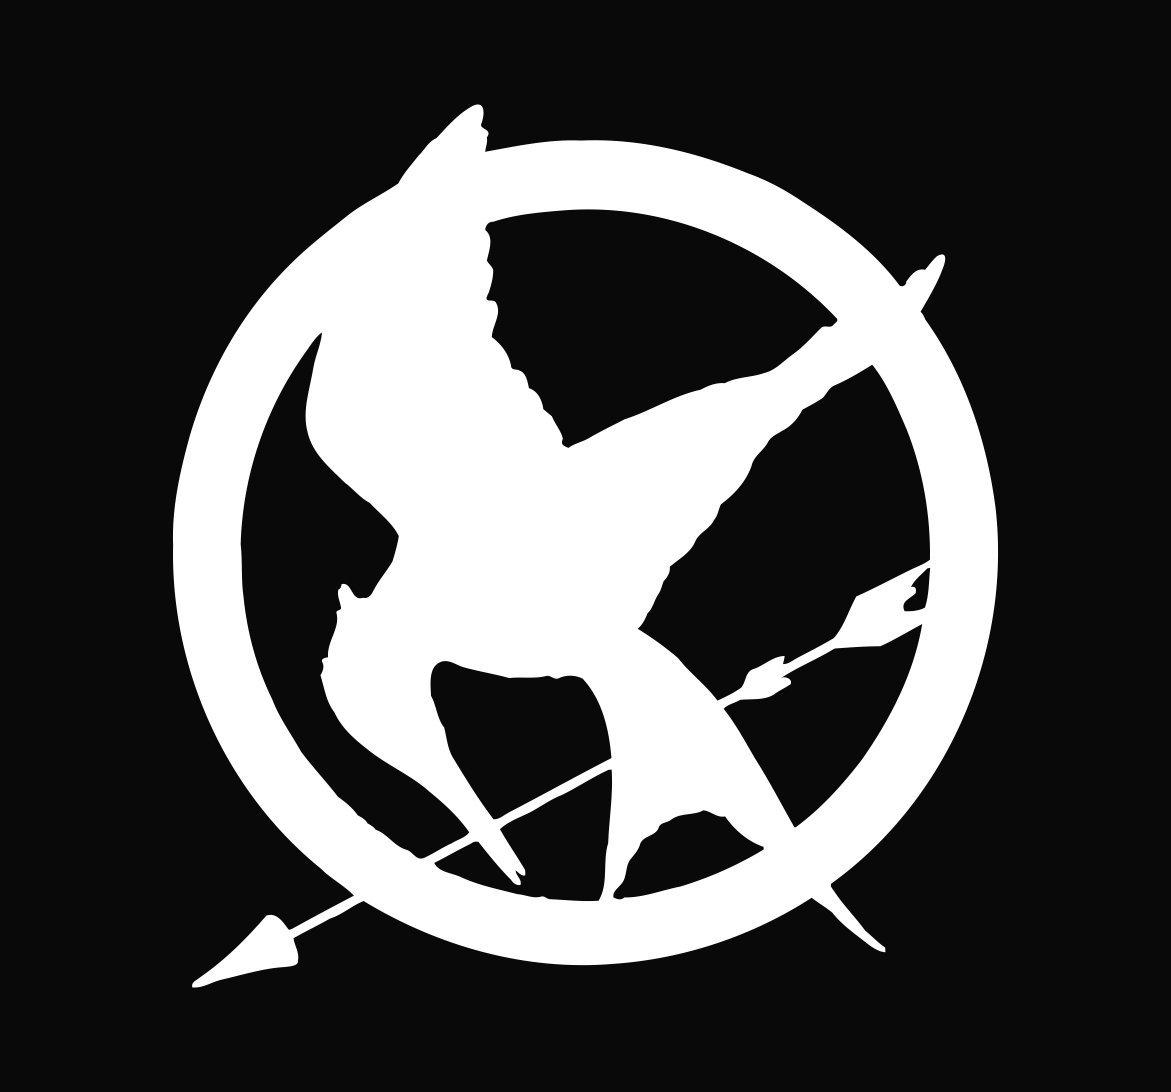 Mockingjay Logo Black And White Mockingjay Pin Black A...